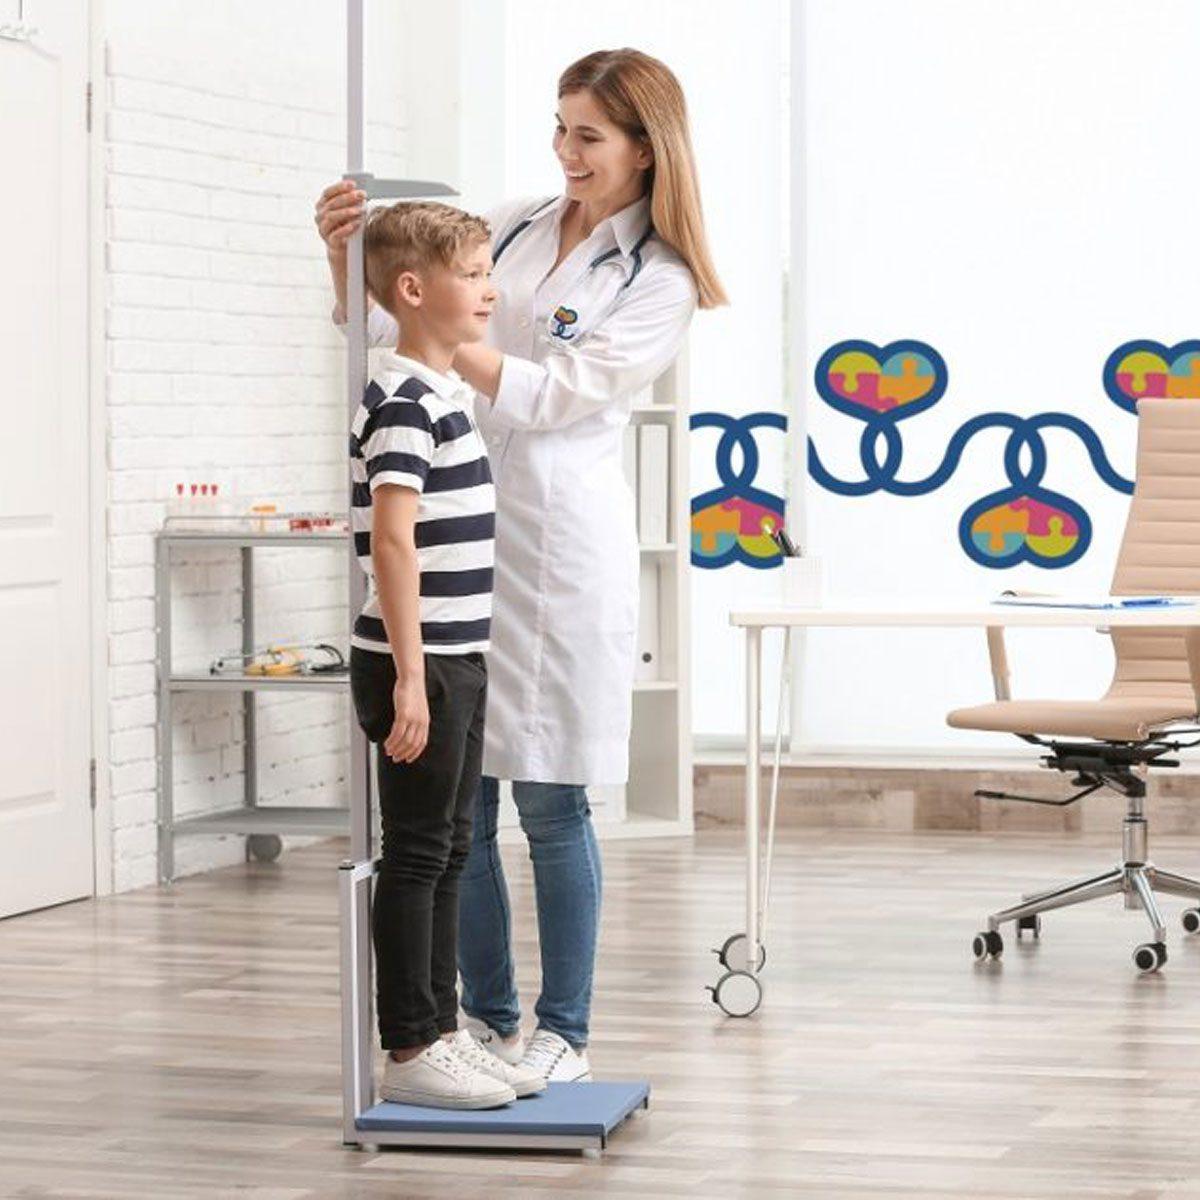 cuanto cuesta una enfermera escolar